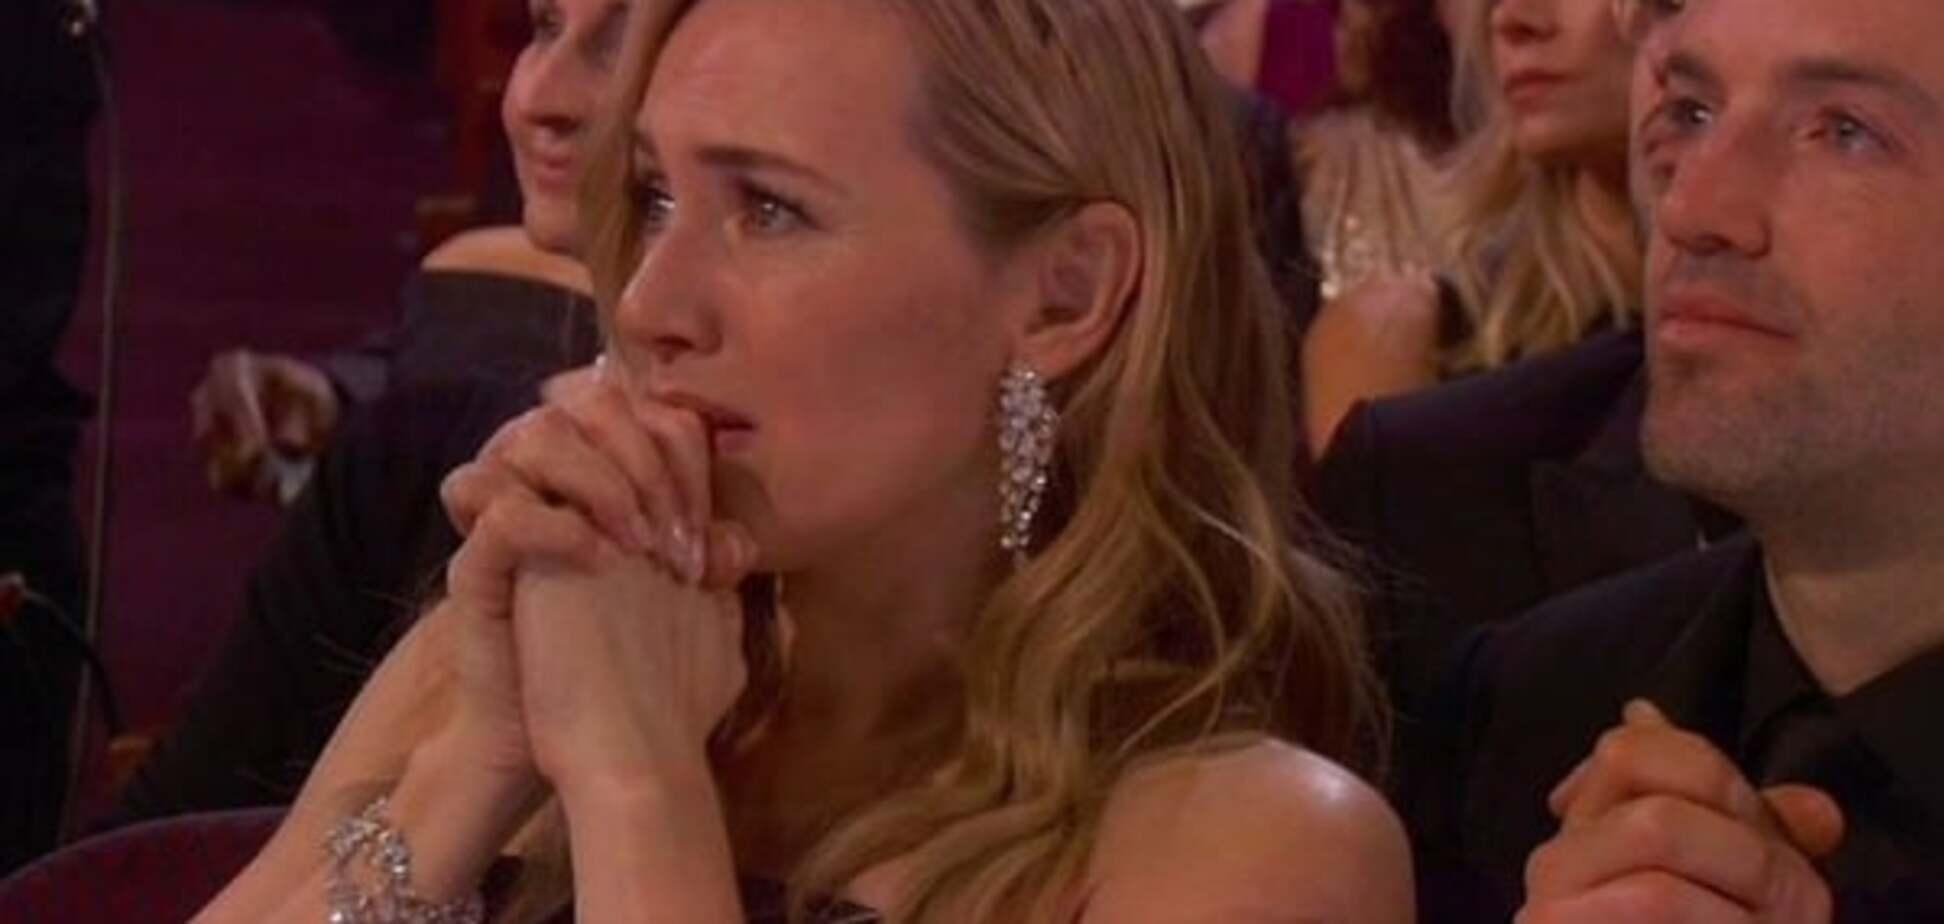 Кейт Уинслет расплакалась из-за победы ДиКаприо на 'Оскаре': опубликовано видео